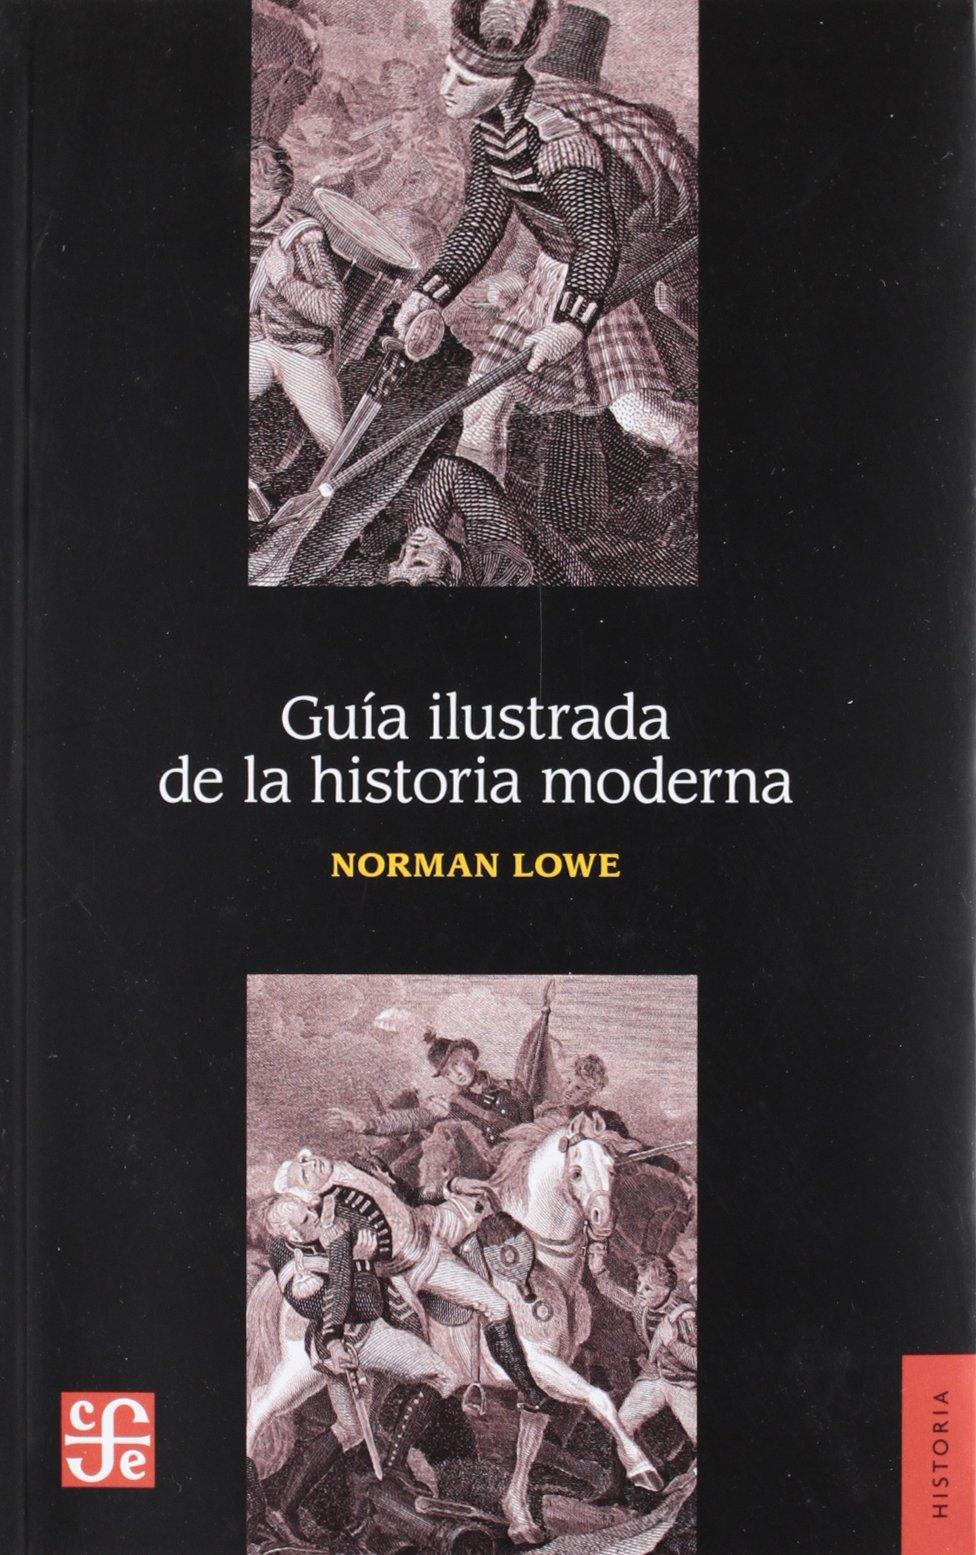 Guia ilustrada de la historia moderna Seccion de Obras de Historia ...